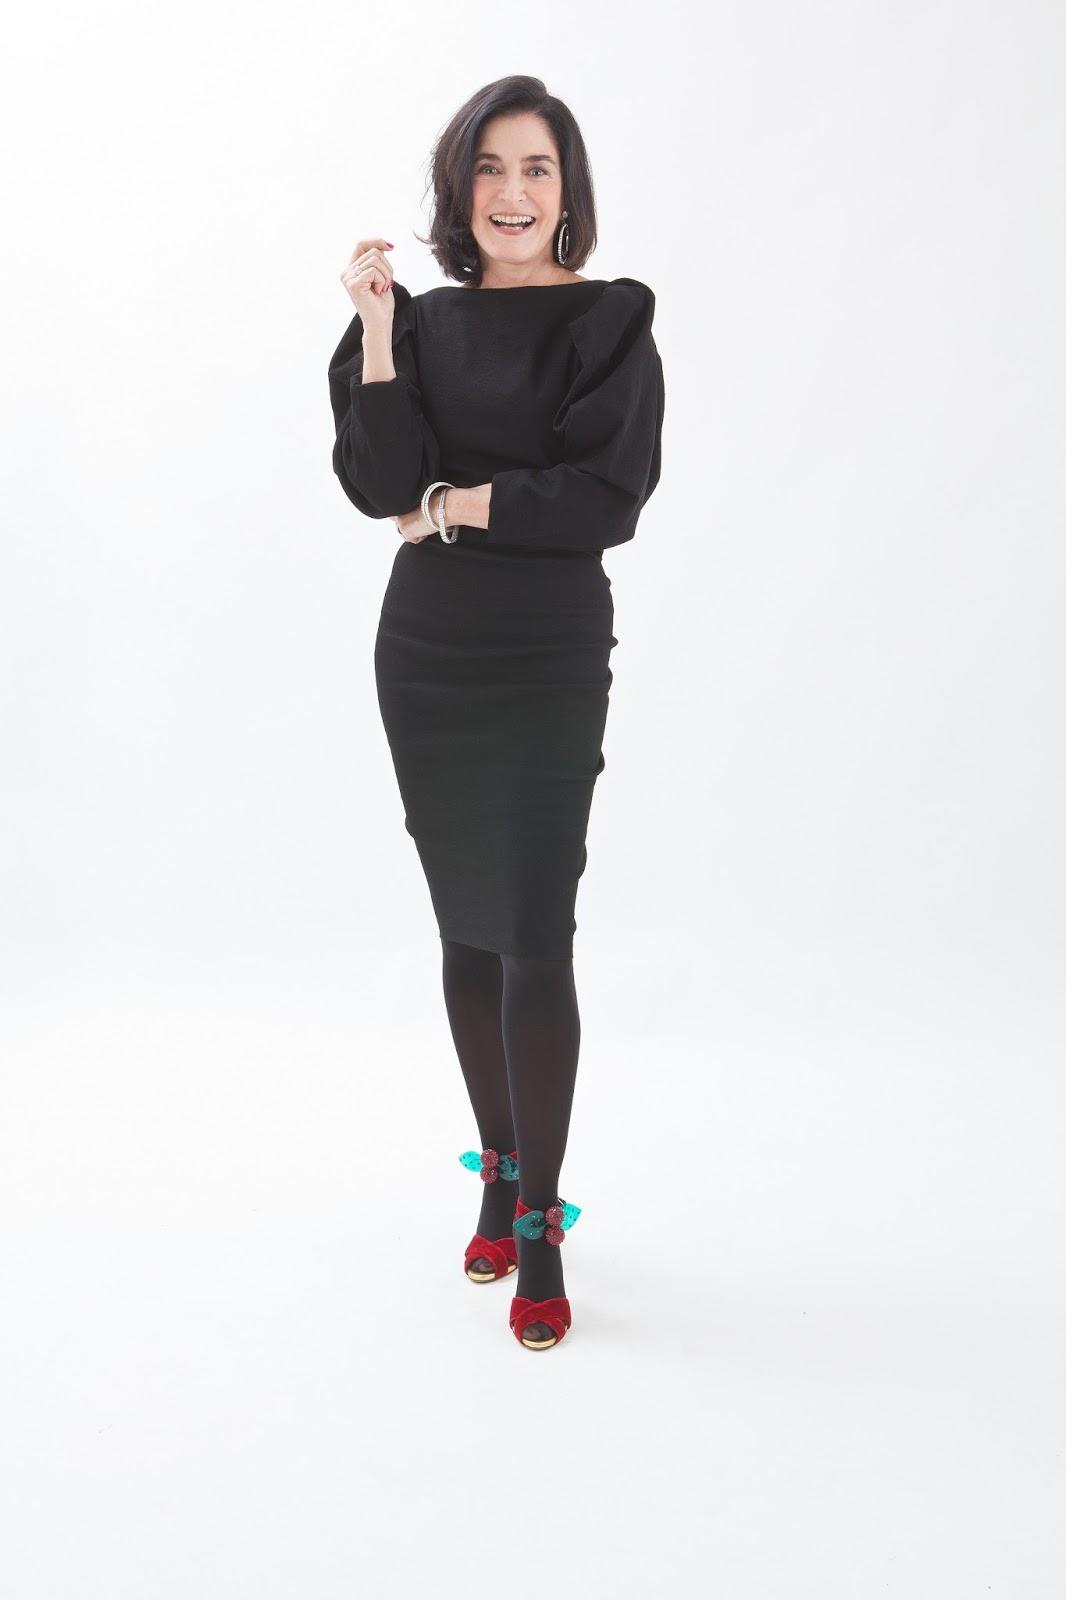 2db3d7d2c Glória Kalil será um dos destaques no Vogue Fashion´s Night Out Brasília  Shopping. Além da consultora de moda ...